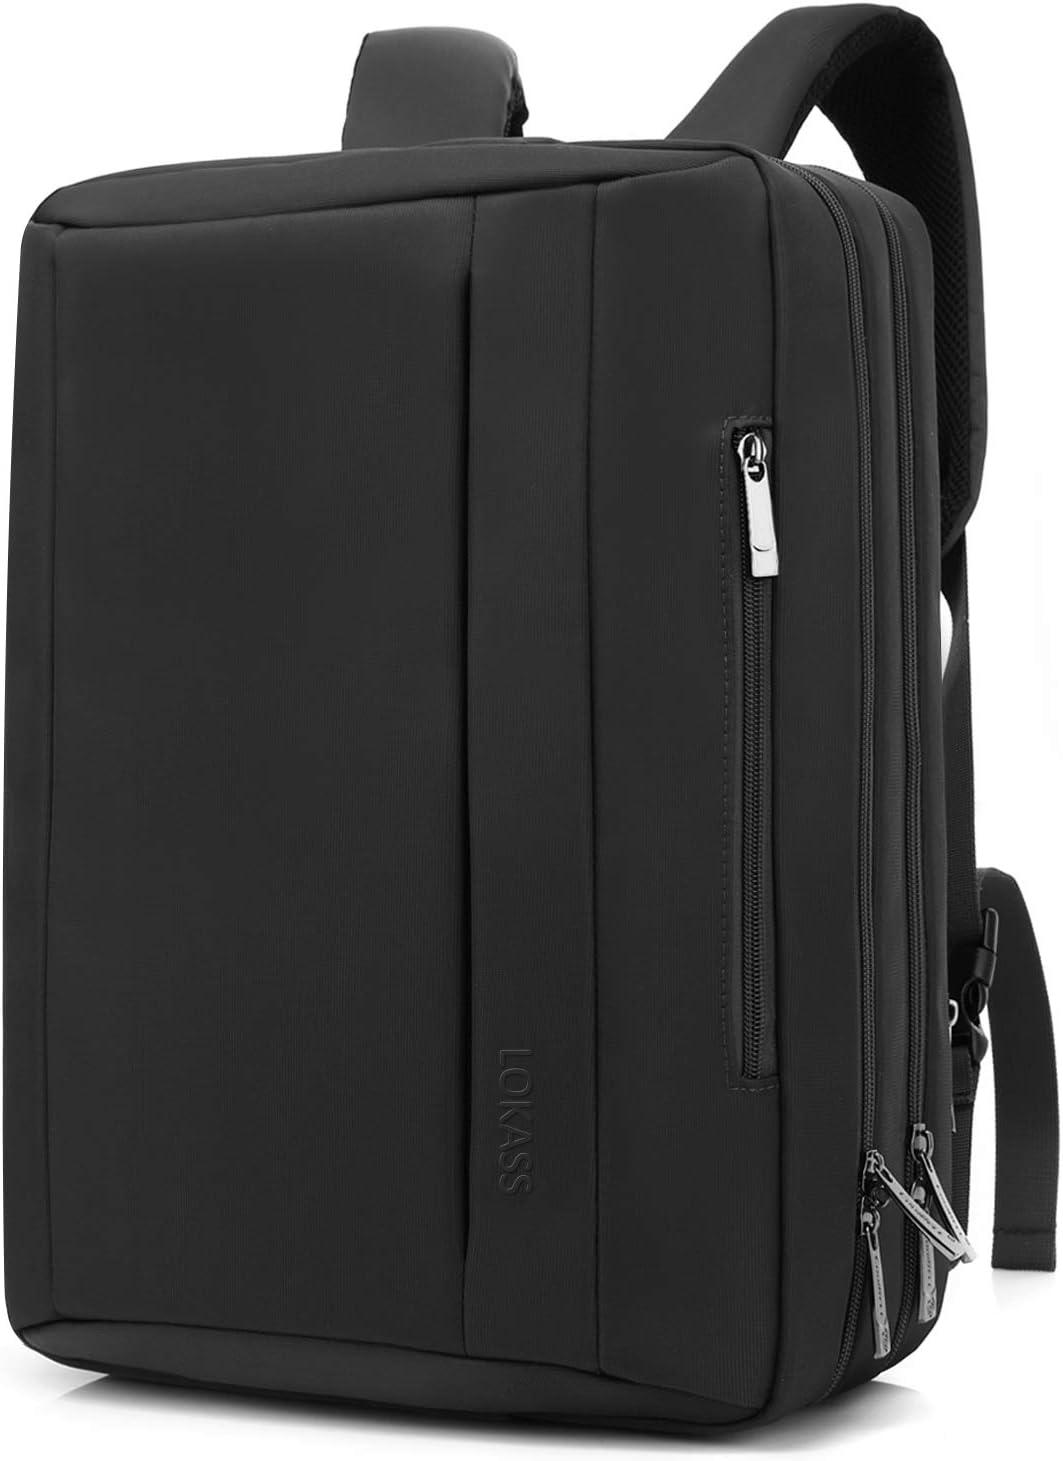 LOKASS Convertible Laptop Bag Messenger Bag Shoulder Bag Backpack Multi-Functional Briefcase Fits 15.6 Inches Laptop for Men/Women (Black)